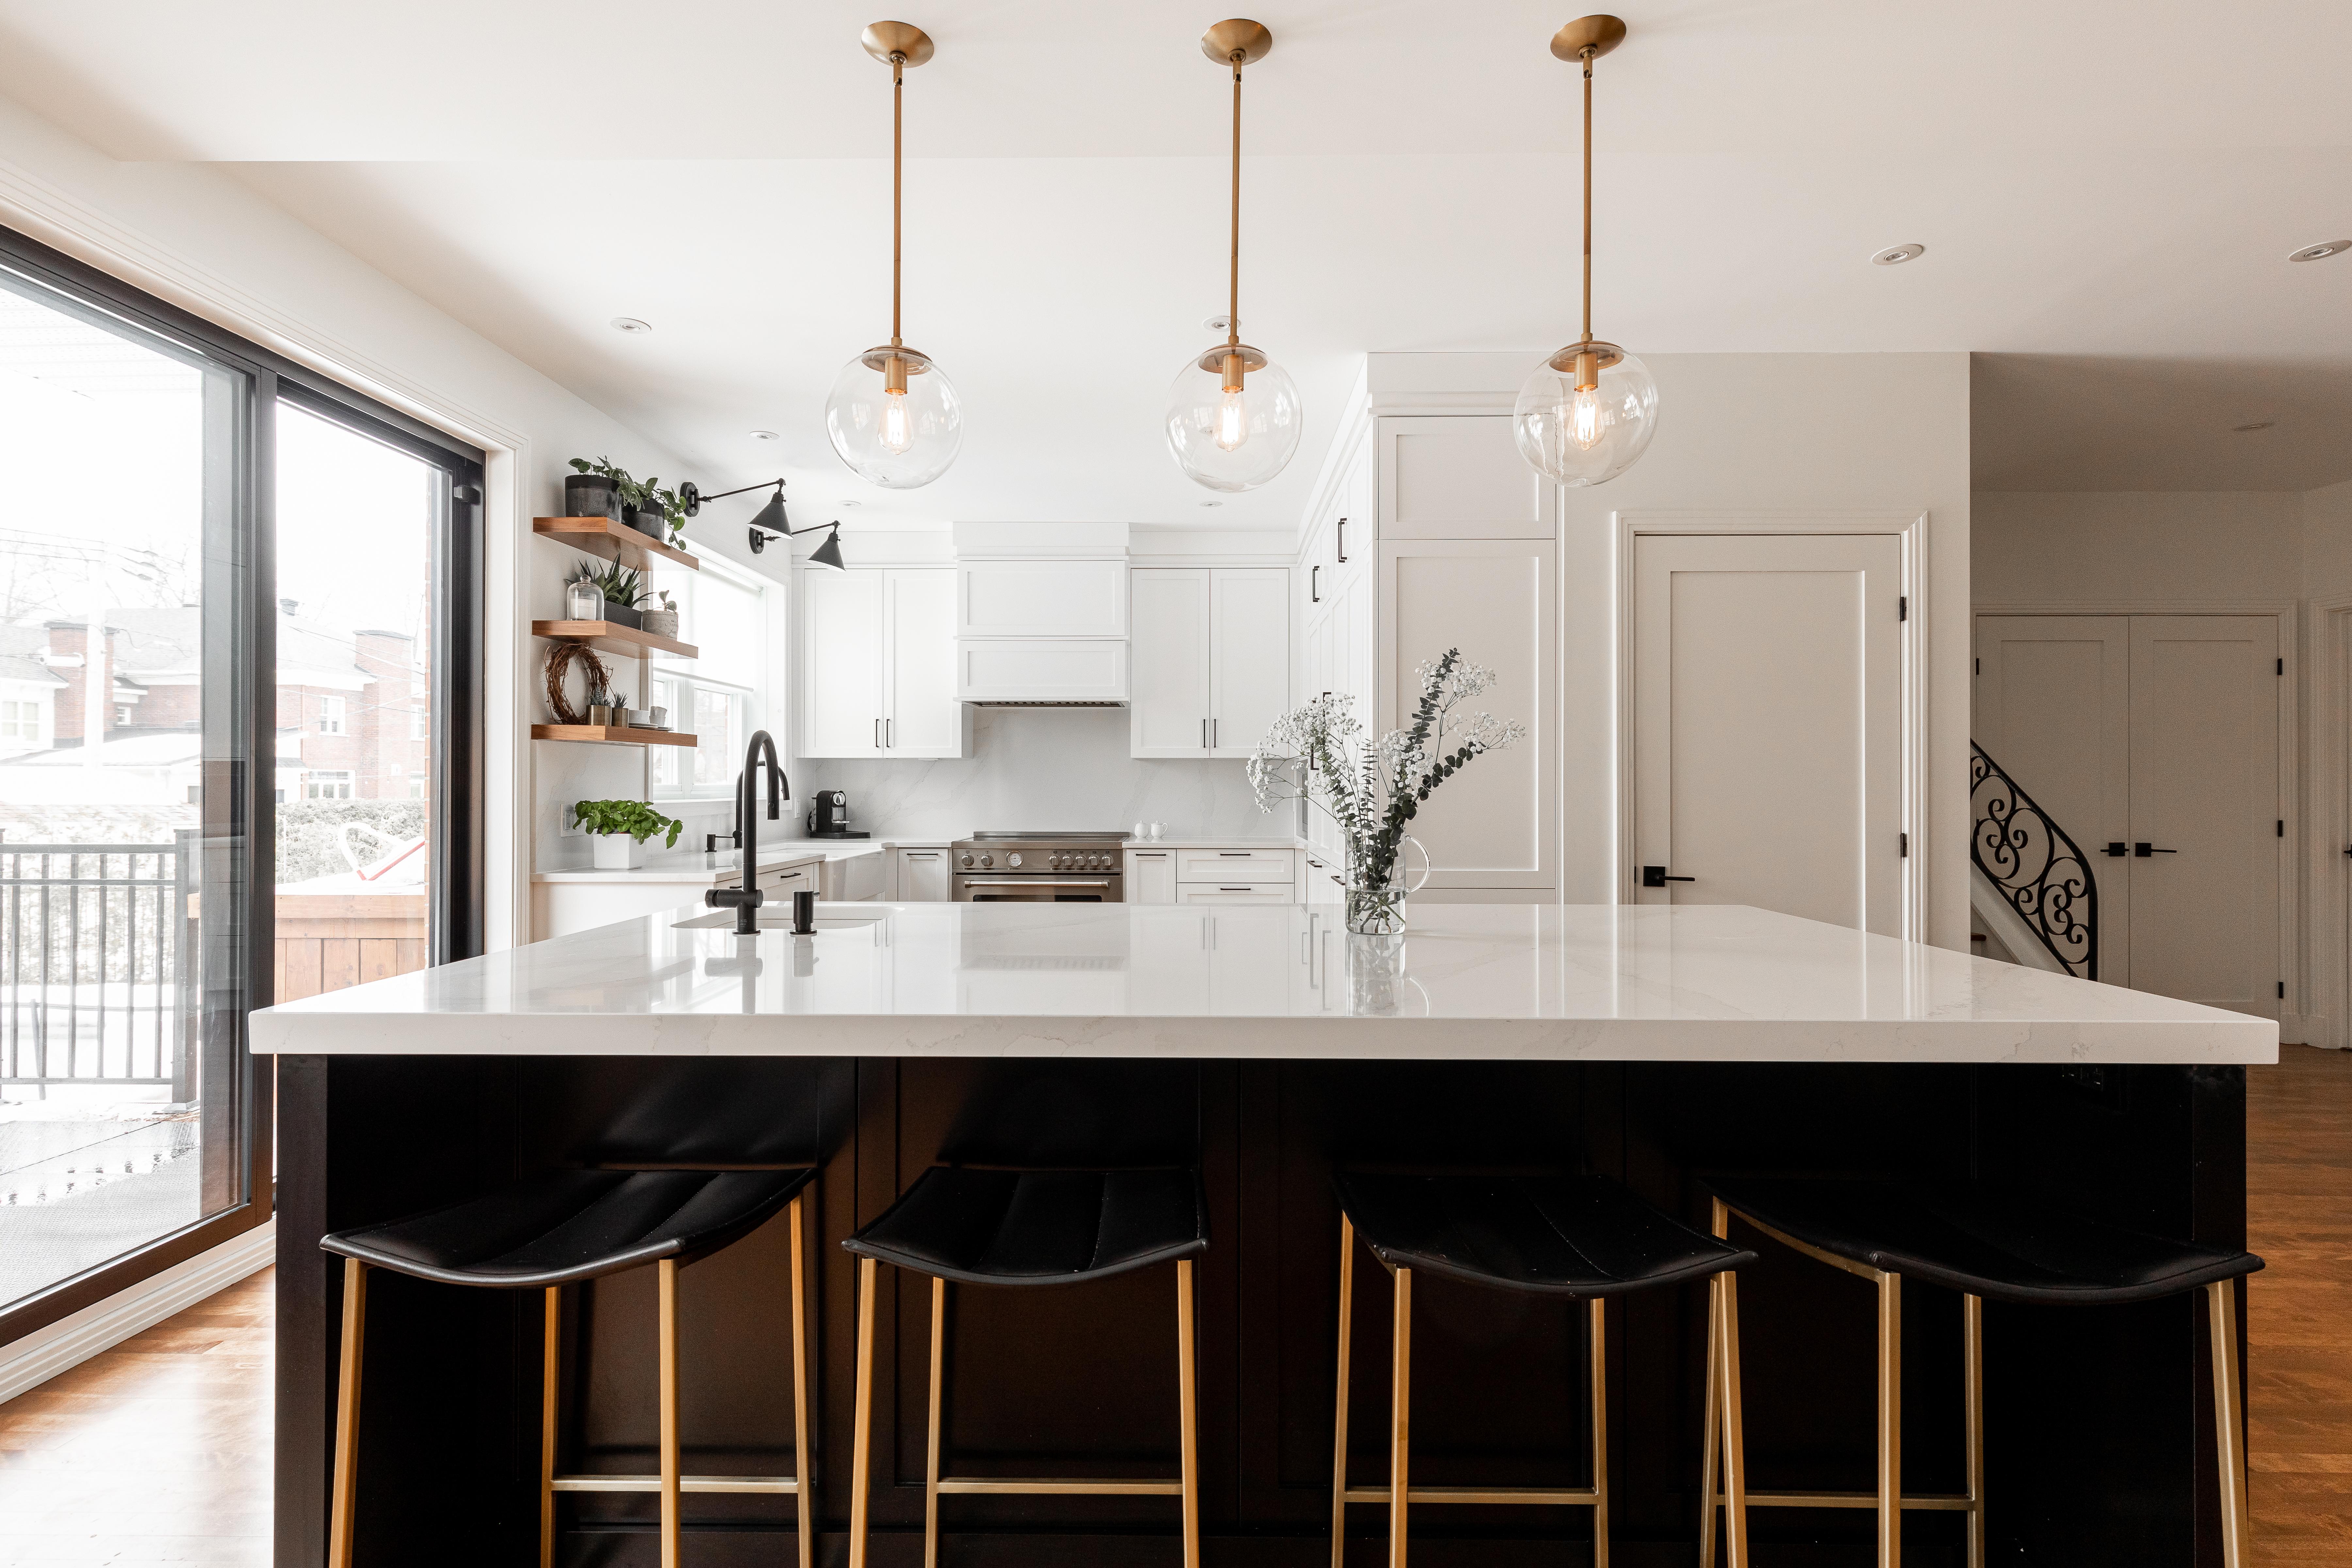 Cuisine moderne. Des luminaires de couleur dorée sont supendus au dessus de l'îlot central de la cuisine.